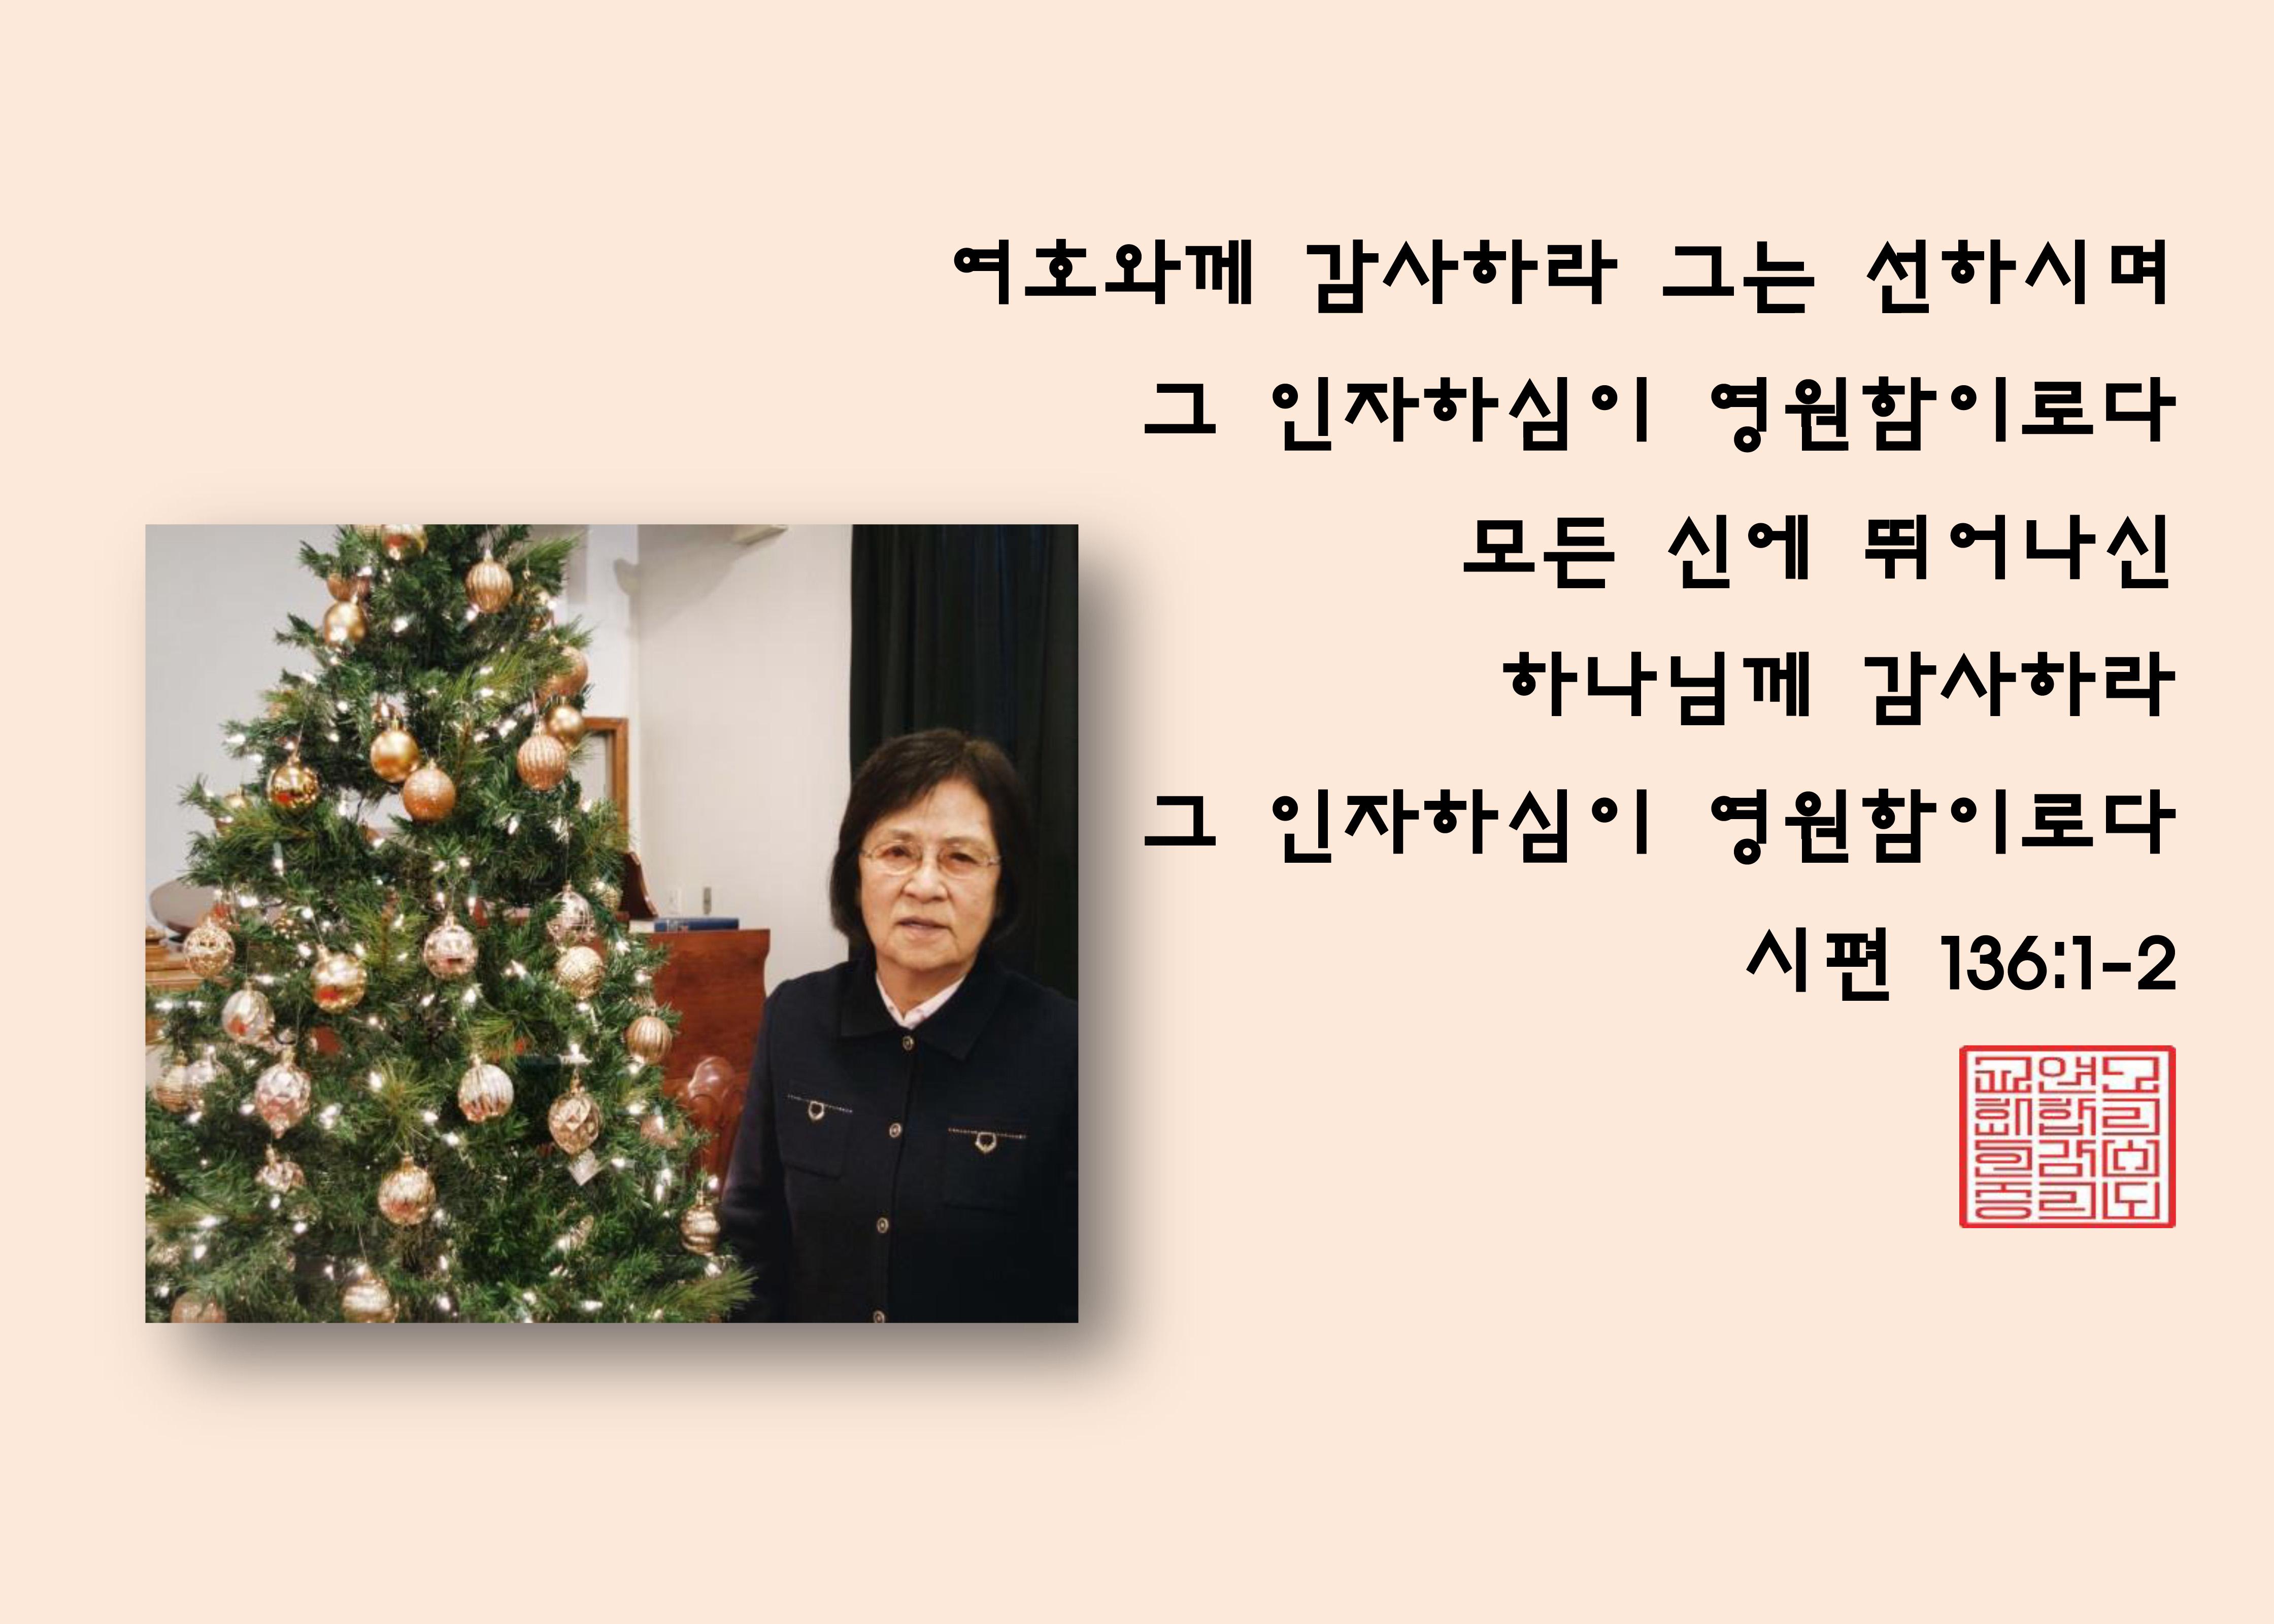 Kang_2018